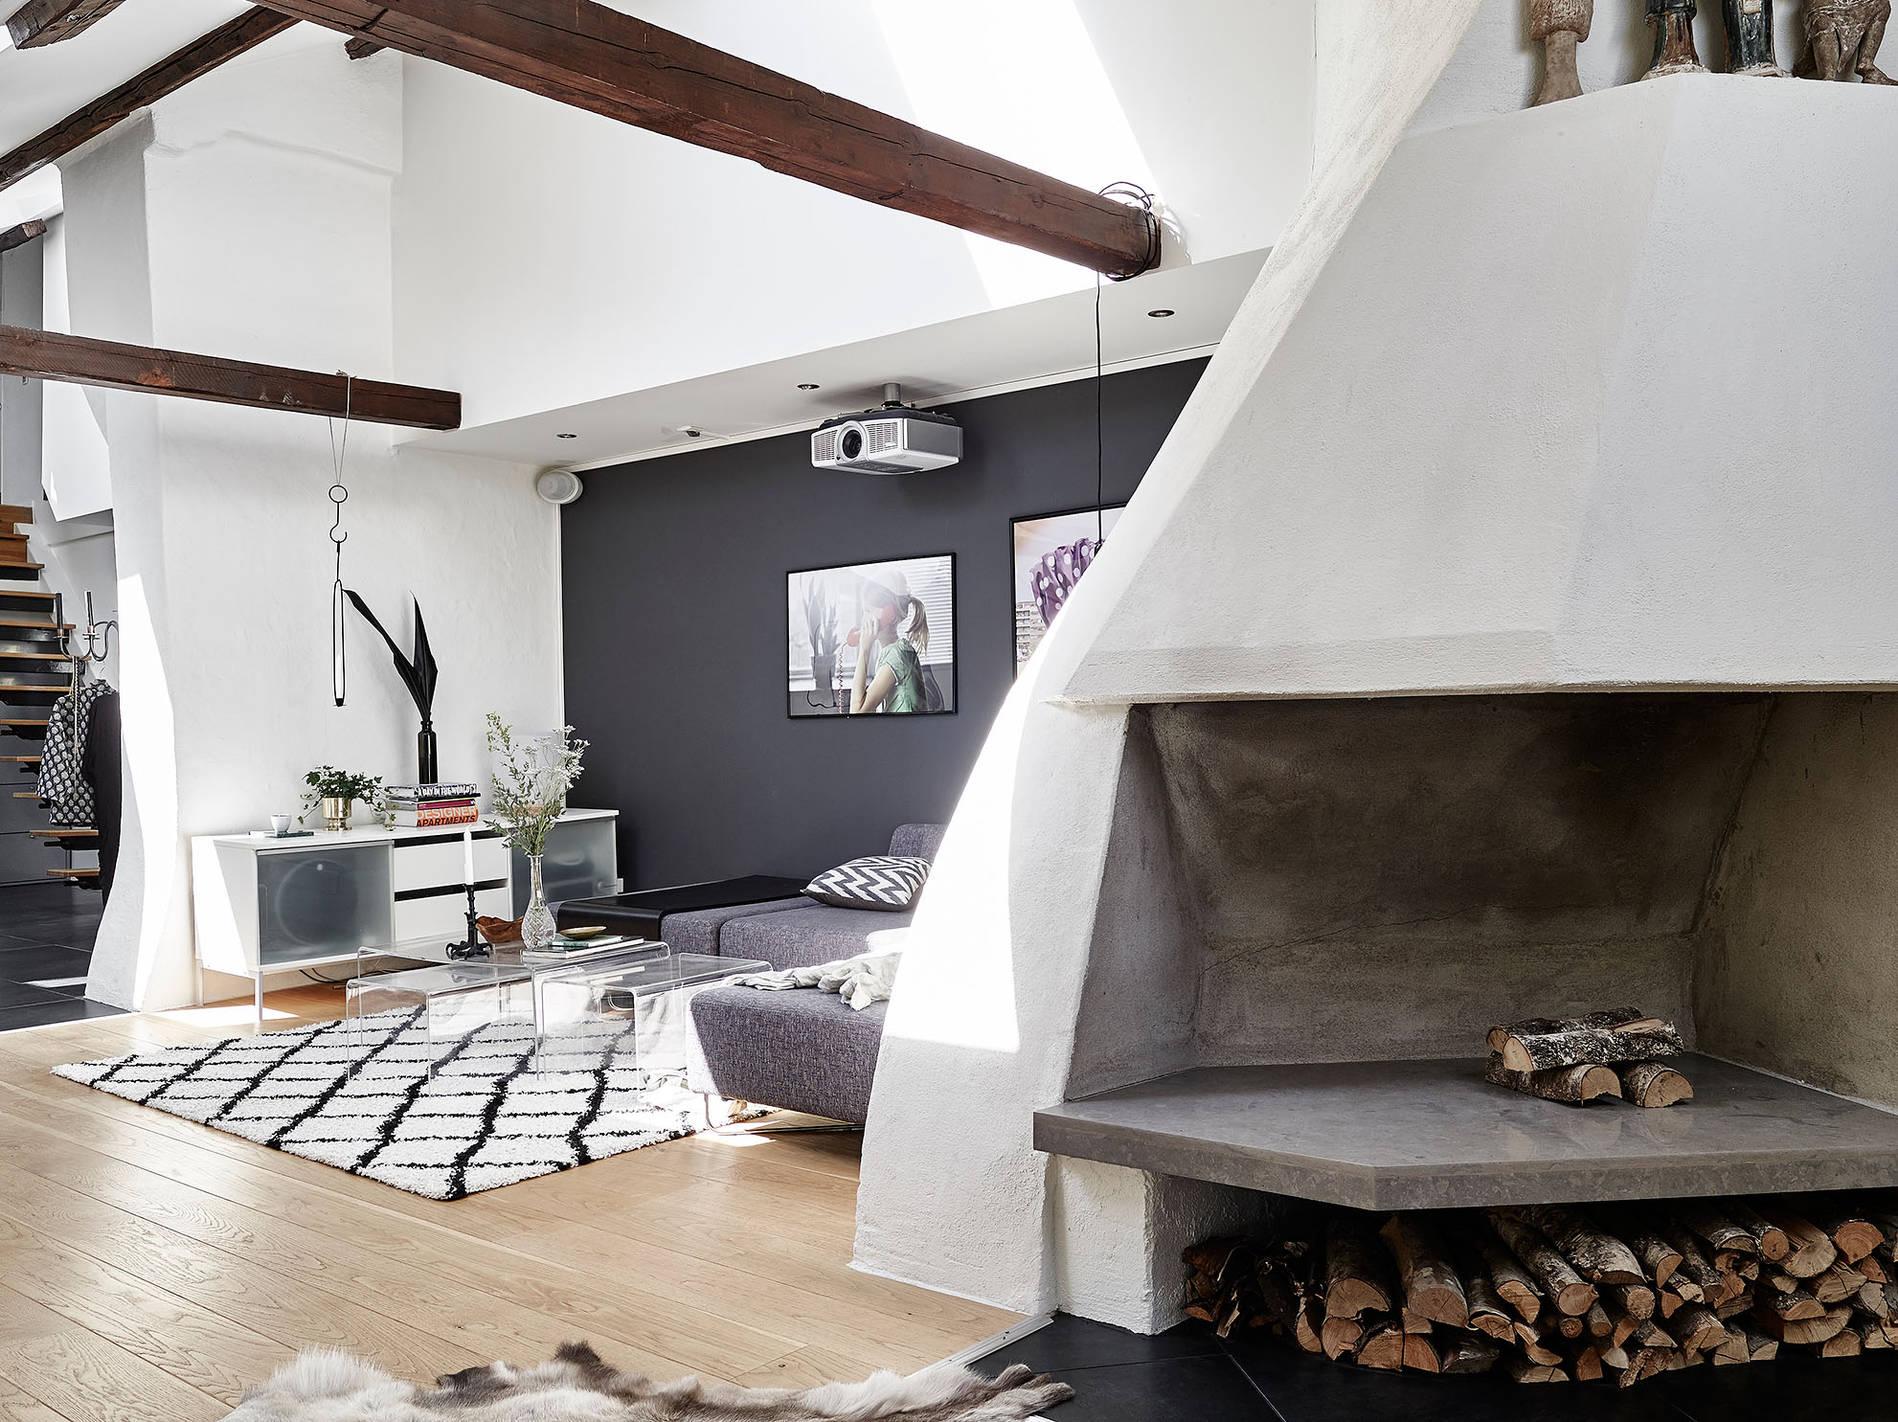 Hauteur sous plafond chiara stella home - Hauteur minimale sous plafond ...